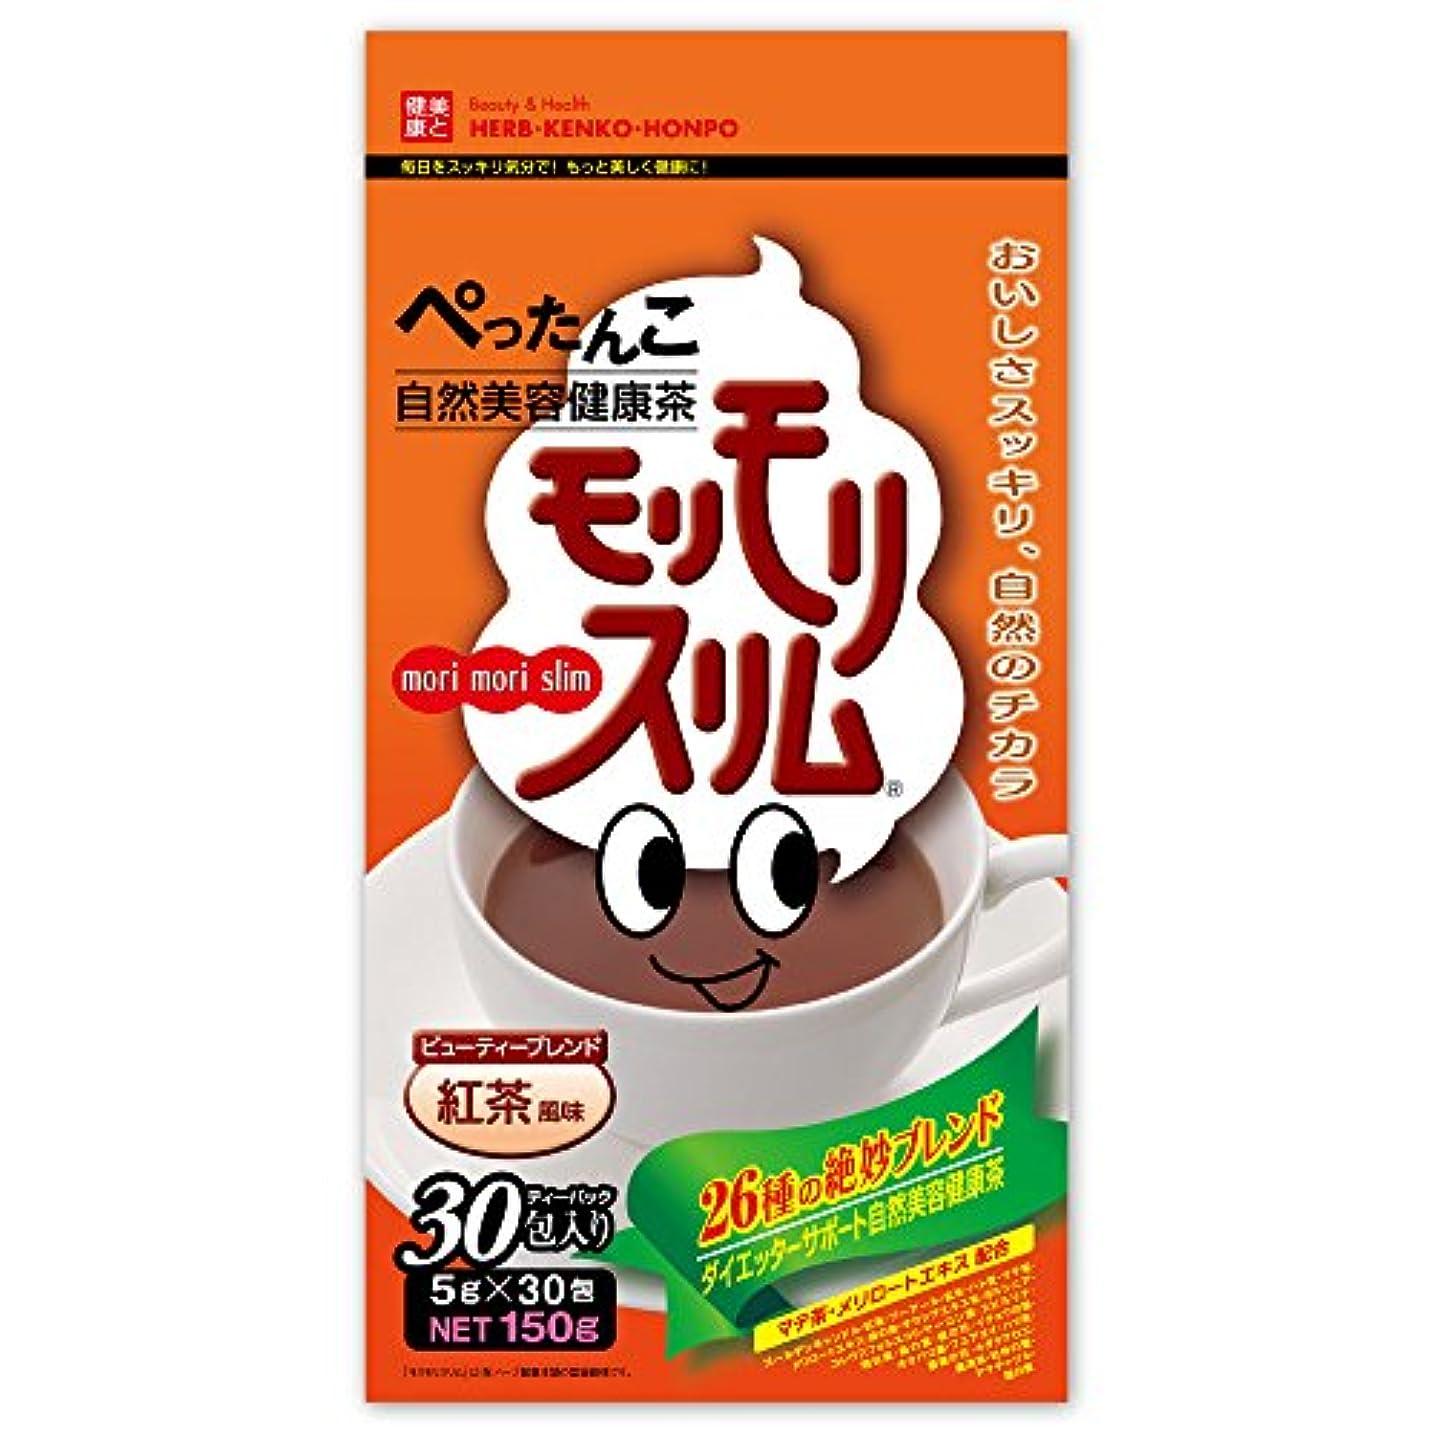 エピソードコマンドおびえたハーブ健康本舗 モリモリスリム(紅茶風味) (30包)